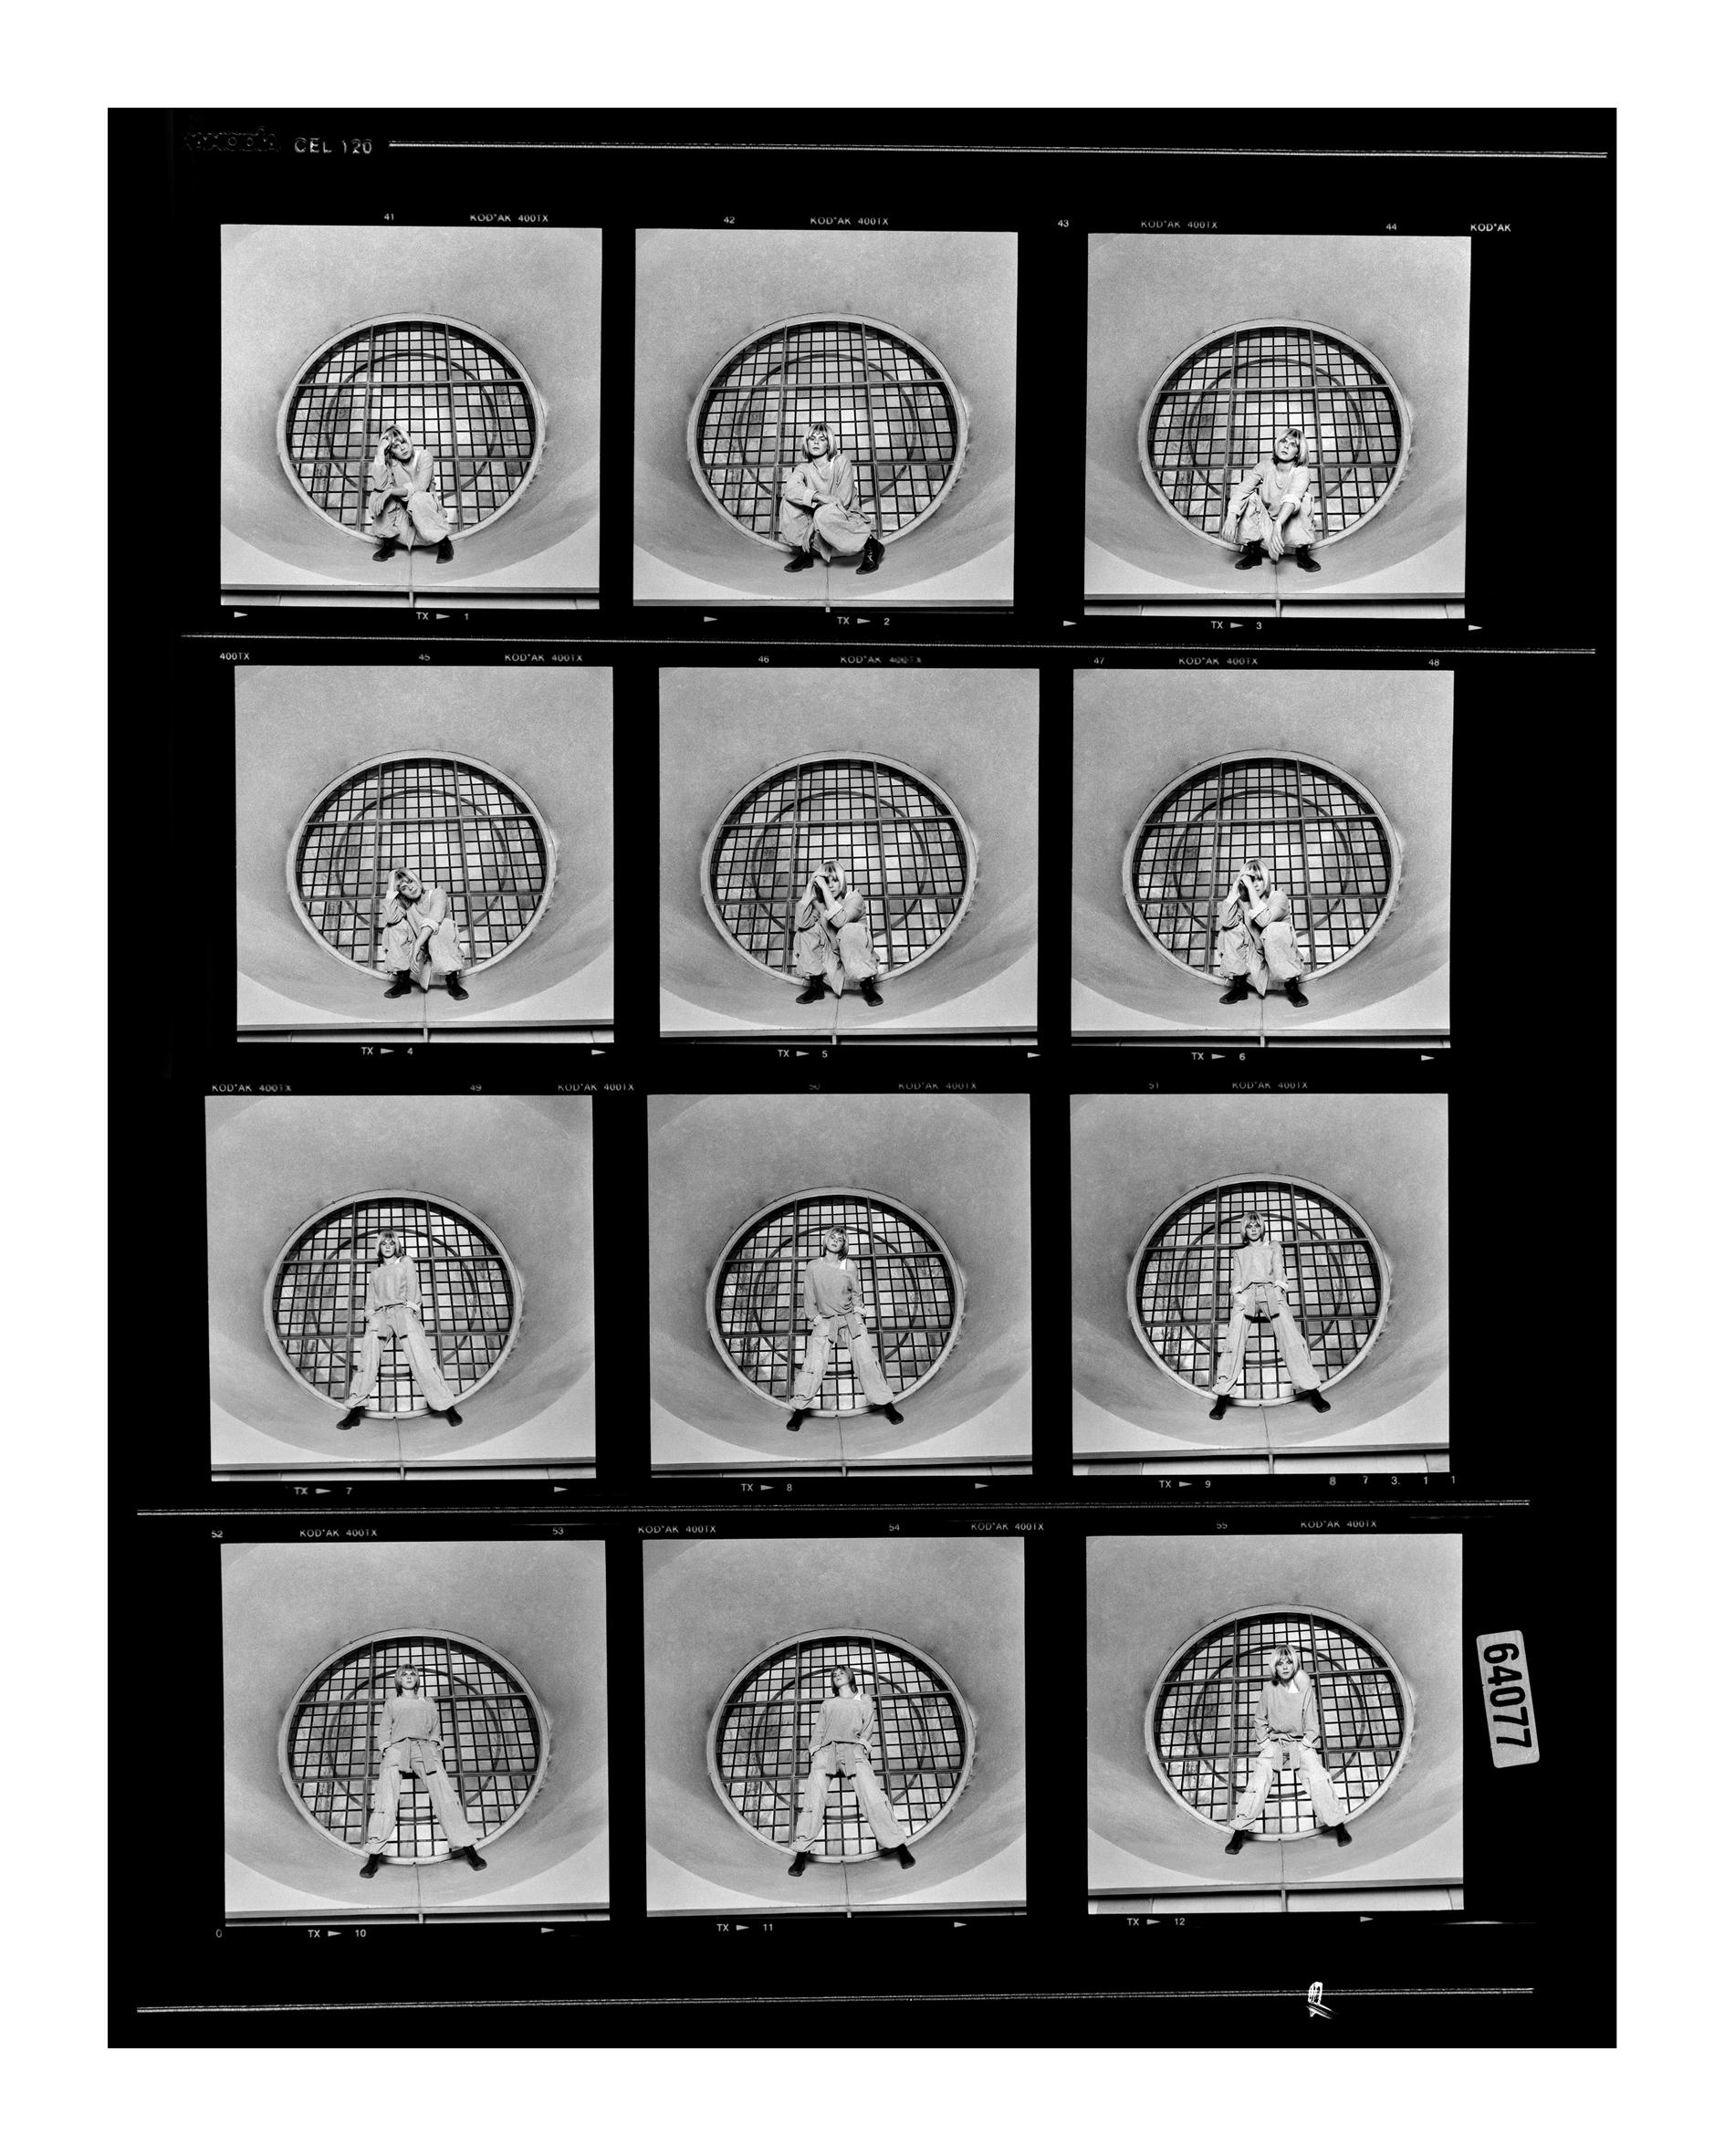 © Johan Bergmark.  Robyn - kontaktkarta.  Bildmått: 24x30 cm /Inramad 45x53 cm.  Arkivbeständig pigmentbläckutskrift.  Edition 19. Signerad.  Pris: SEK 5 000